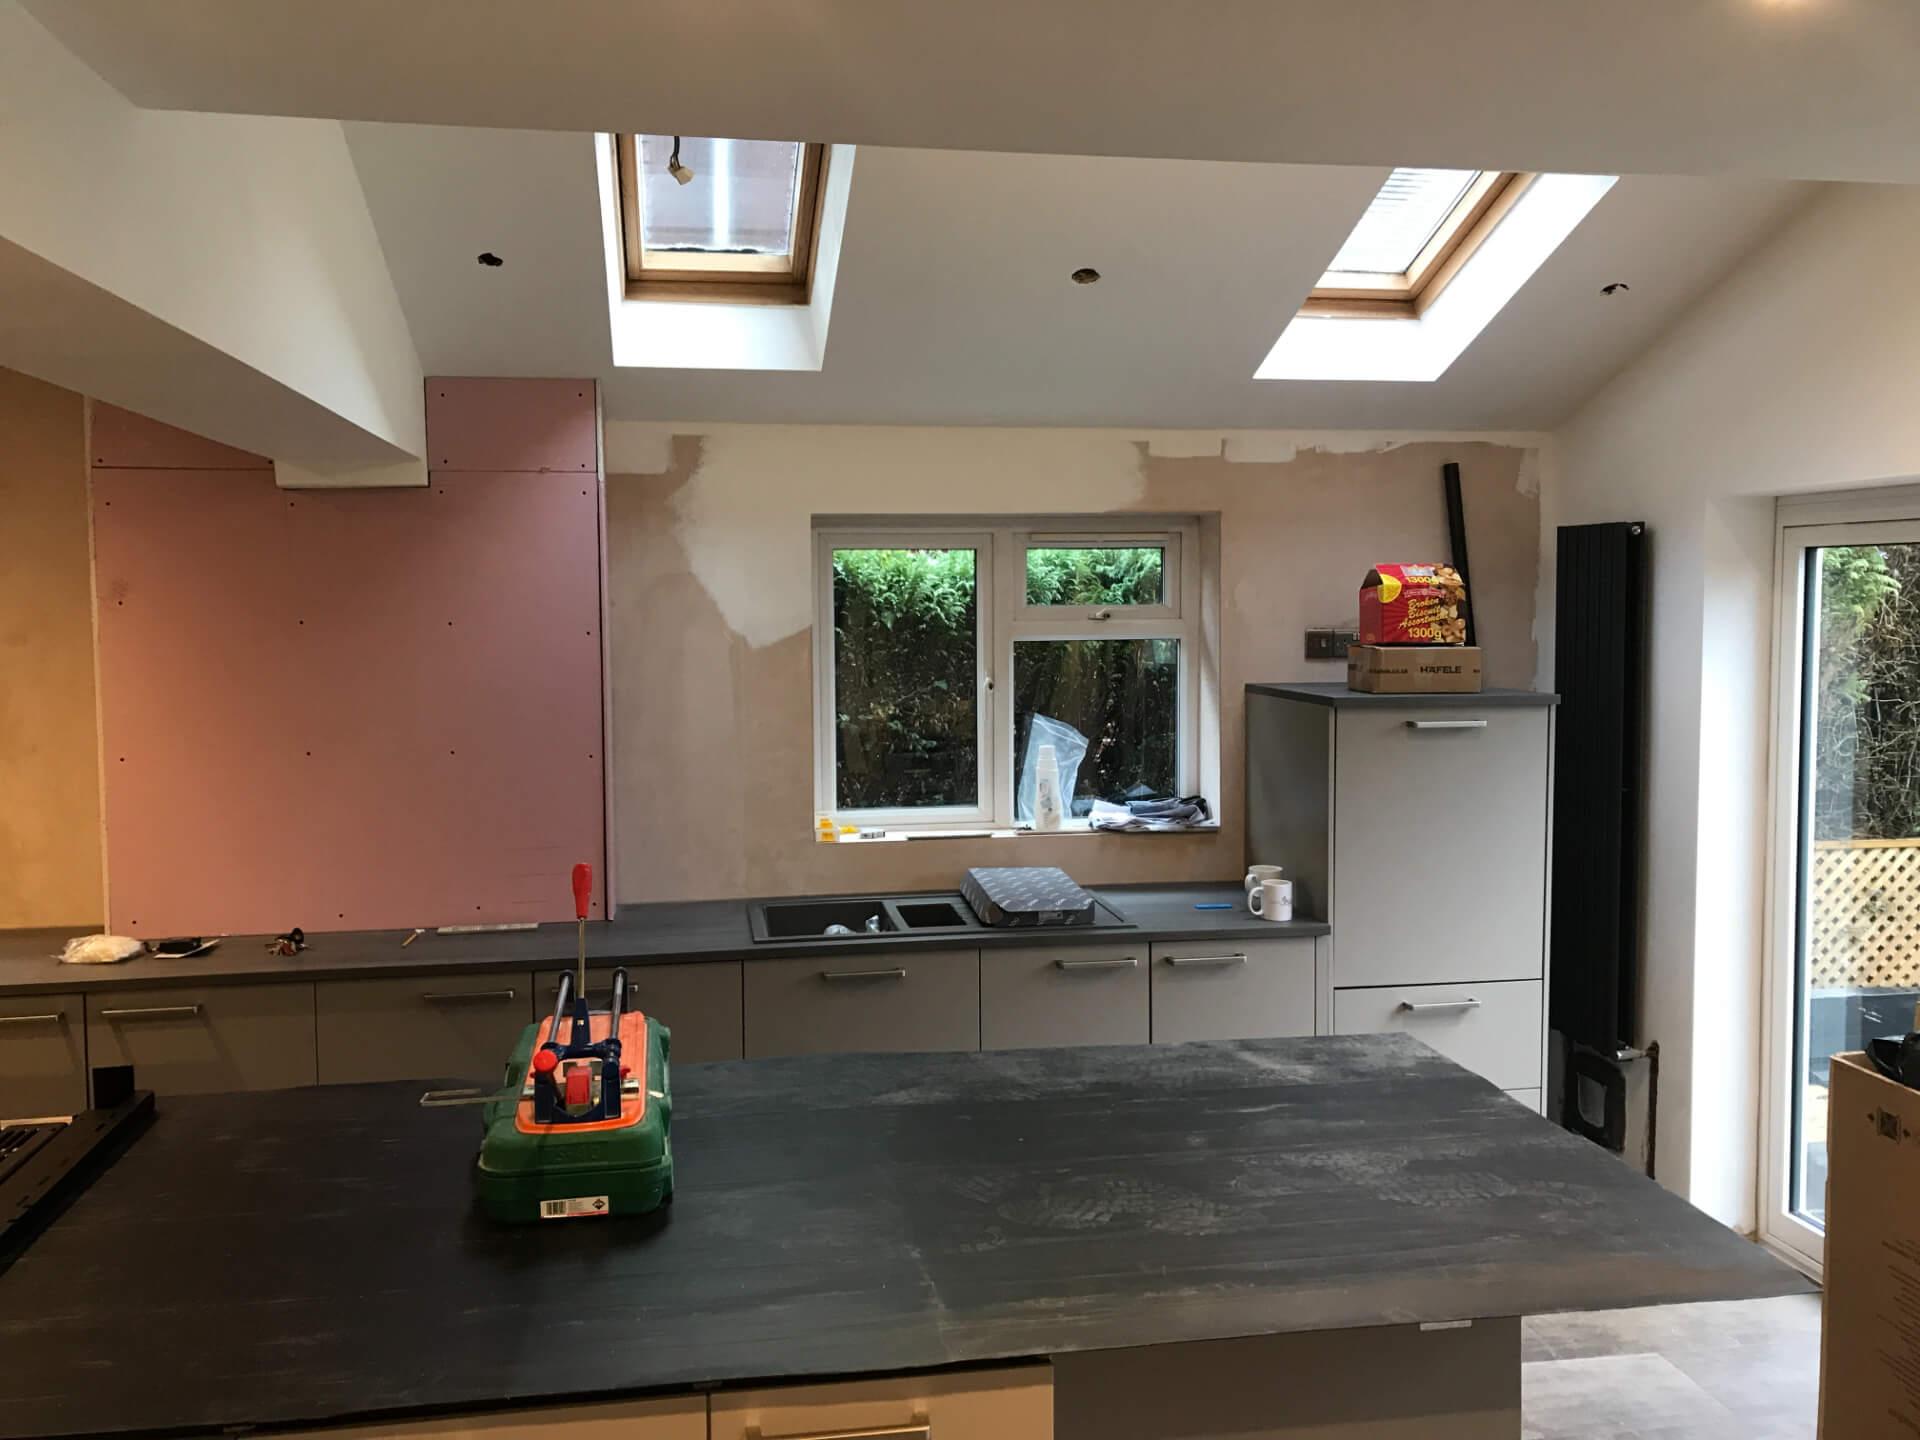 New Kitchen Walls